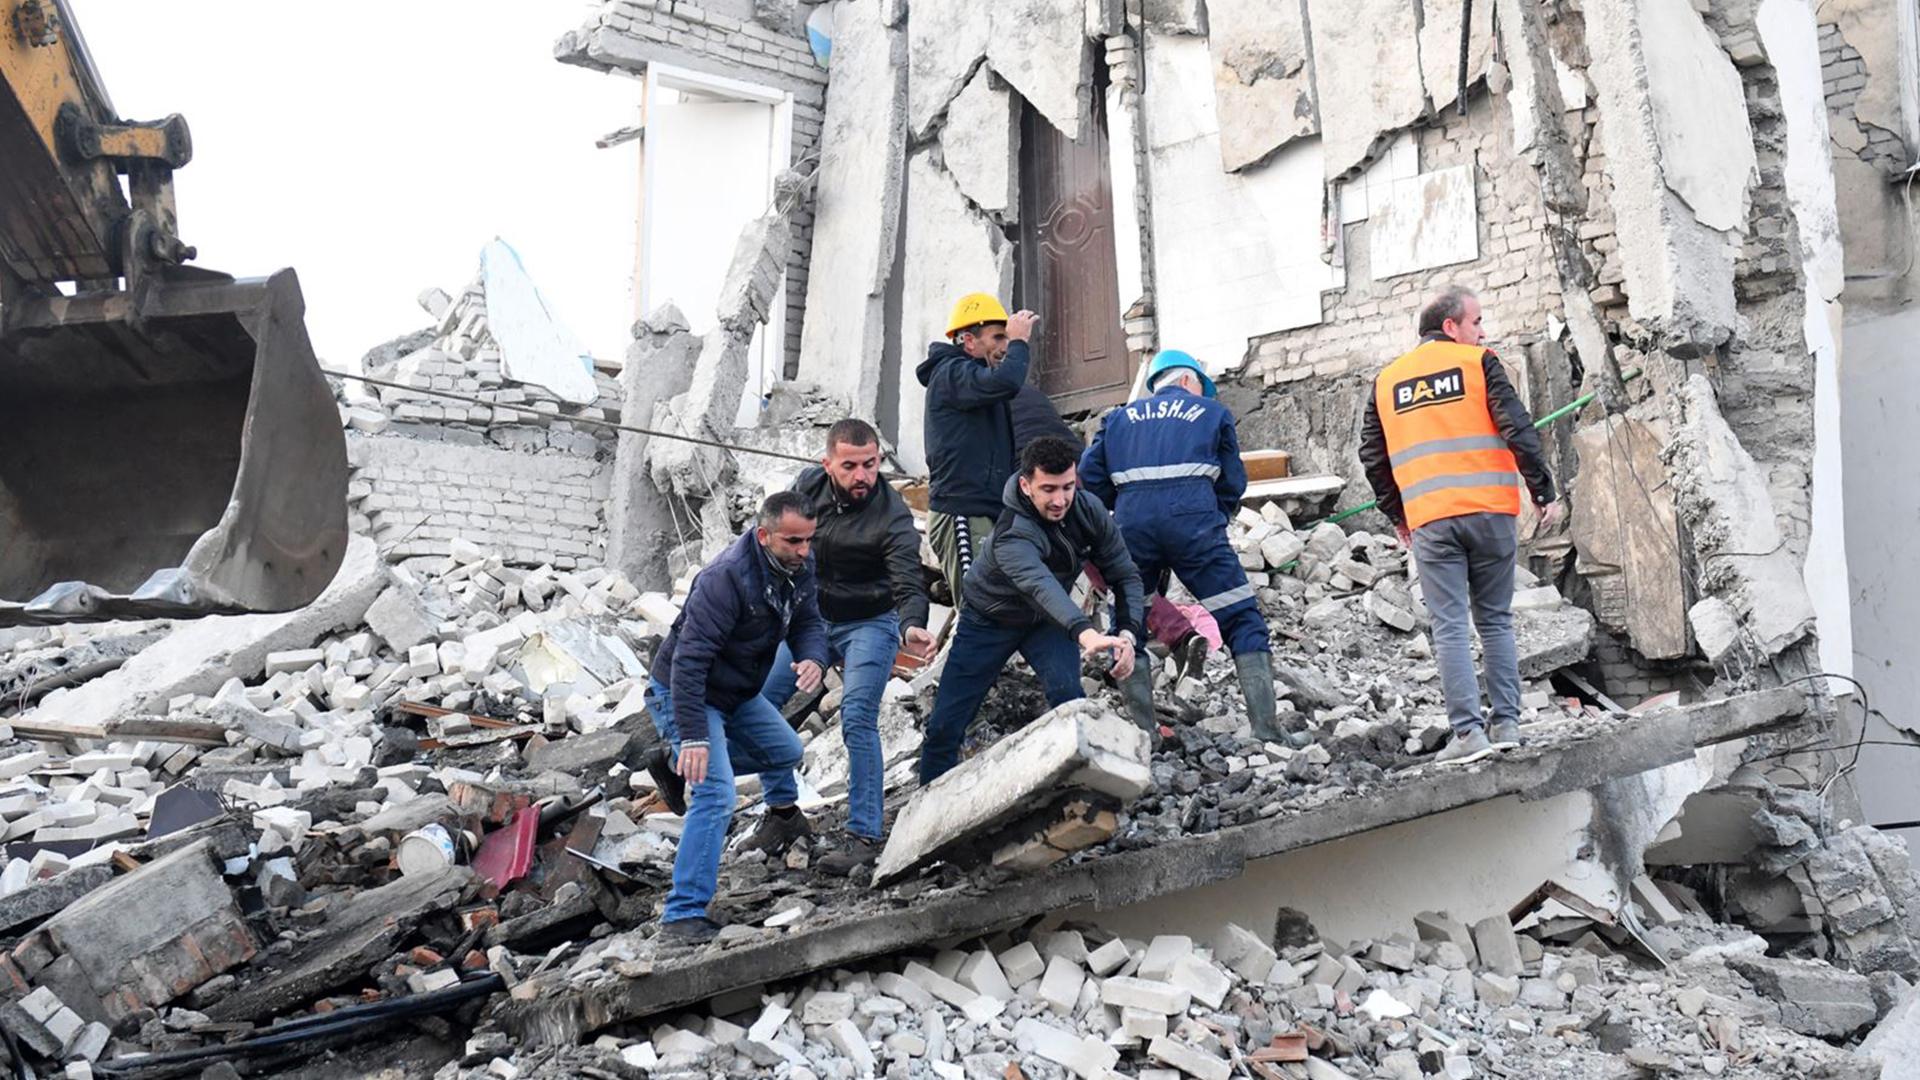 15 viktima nga tërmeti, dhjetëra persona ende nën rrënoja